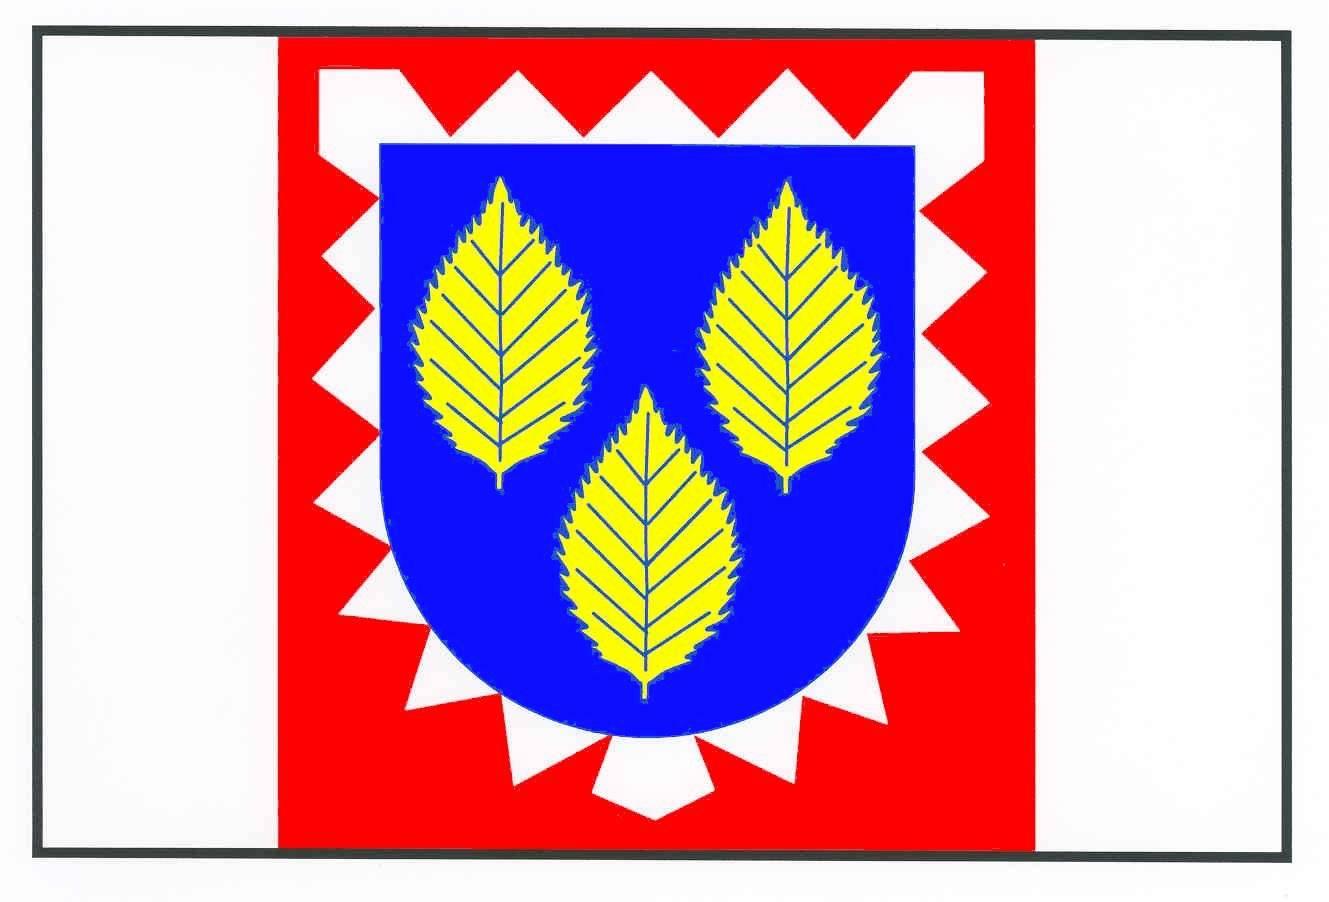 Flagge GemeindeBoksee, Kreis Plön